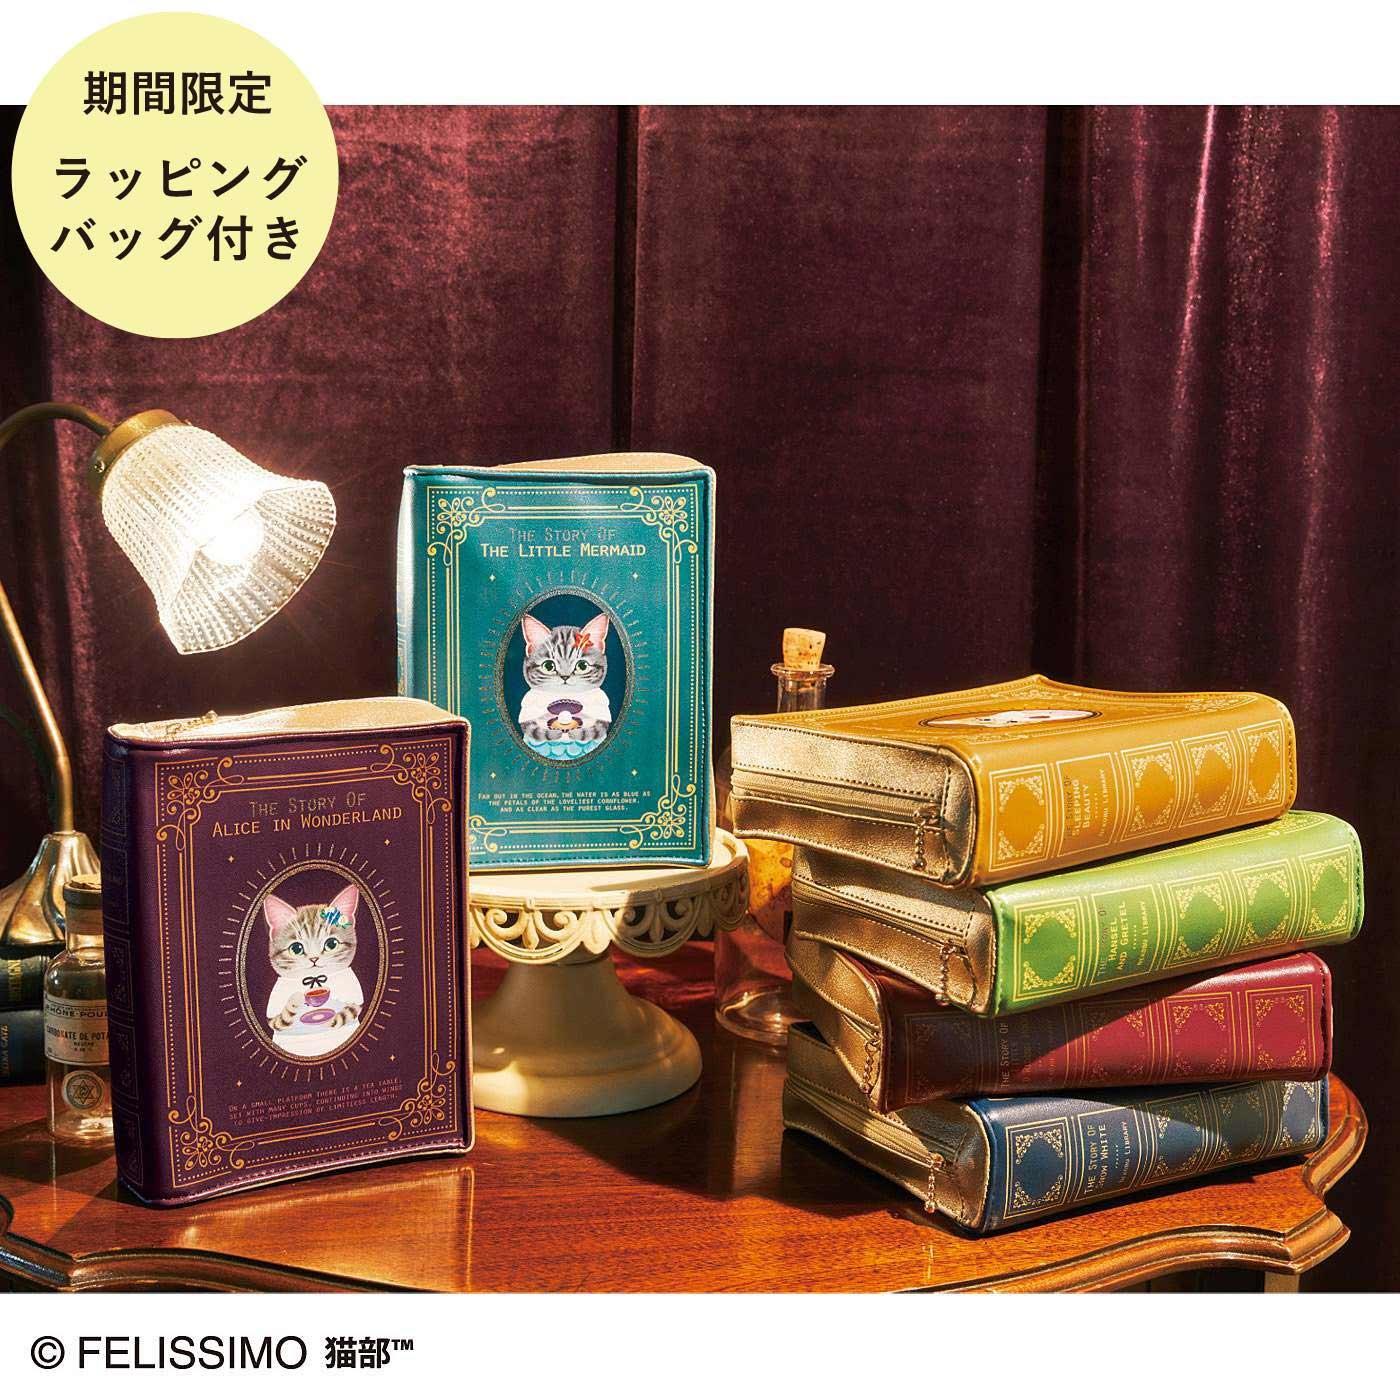 【ラッピングバッグ付き!】童話の世界 猫が主役の洋書風ポーチの会